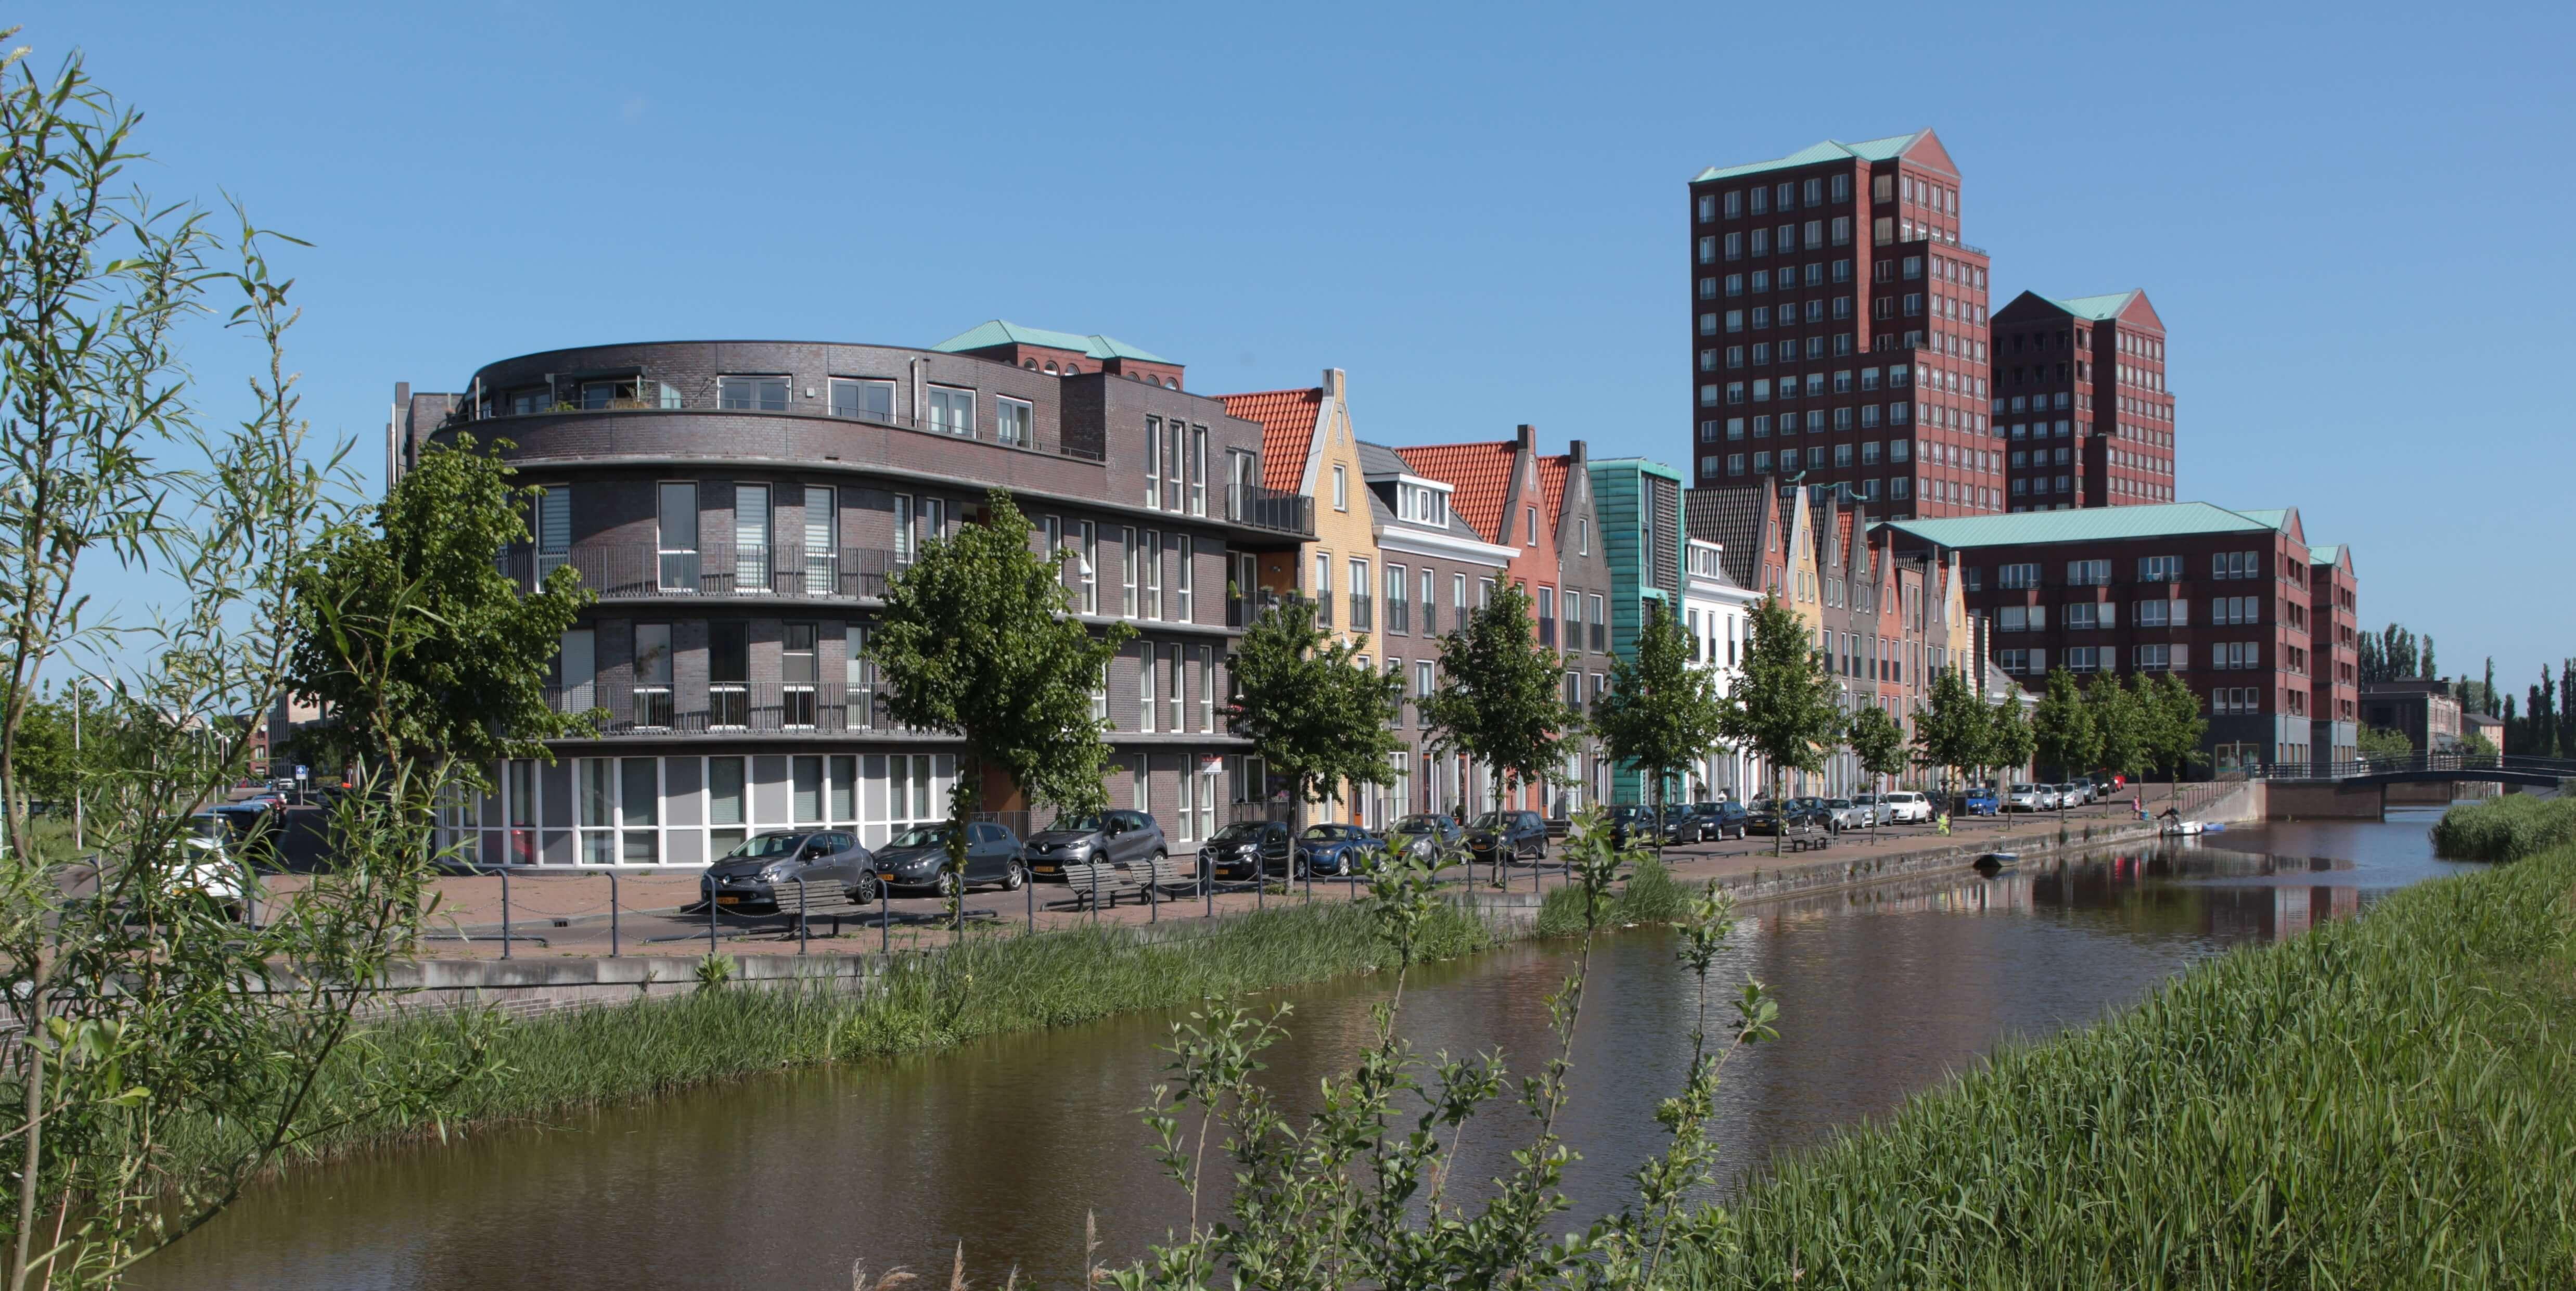 de-laak-vathorst-2